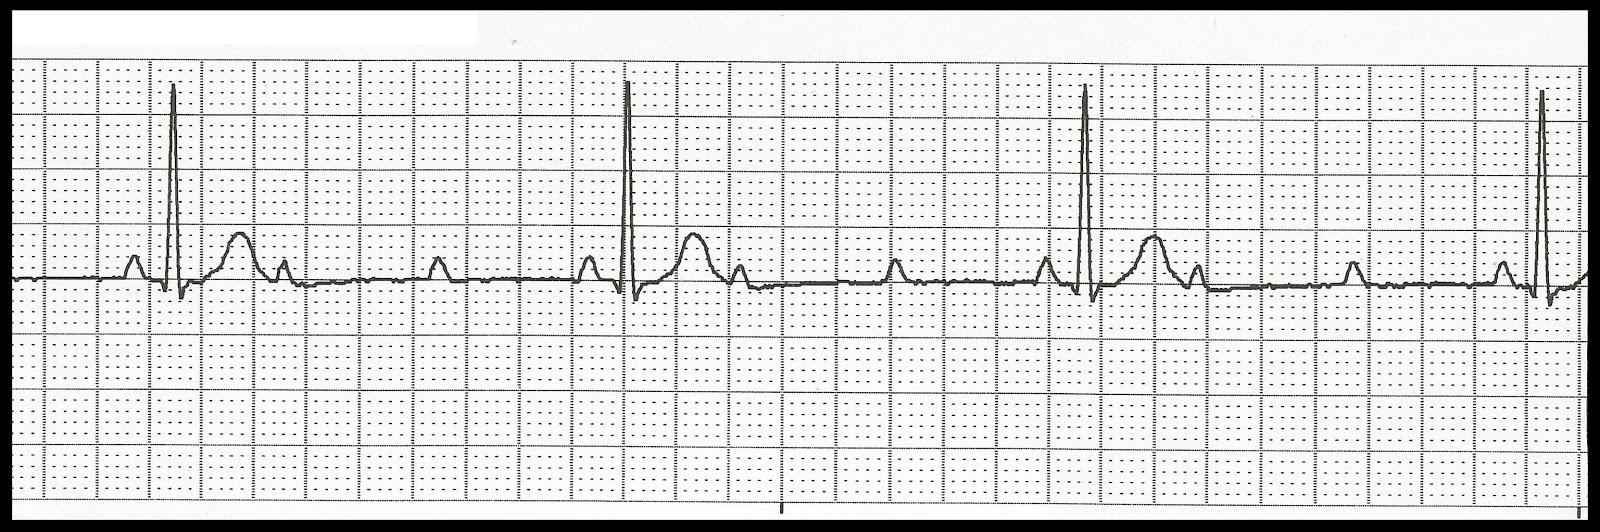 Float nurse ekg rhythm strip quiz 149